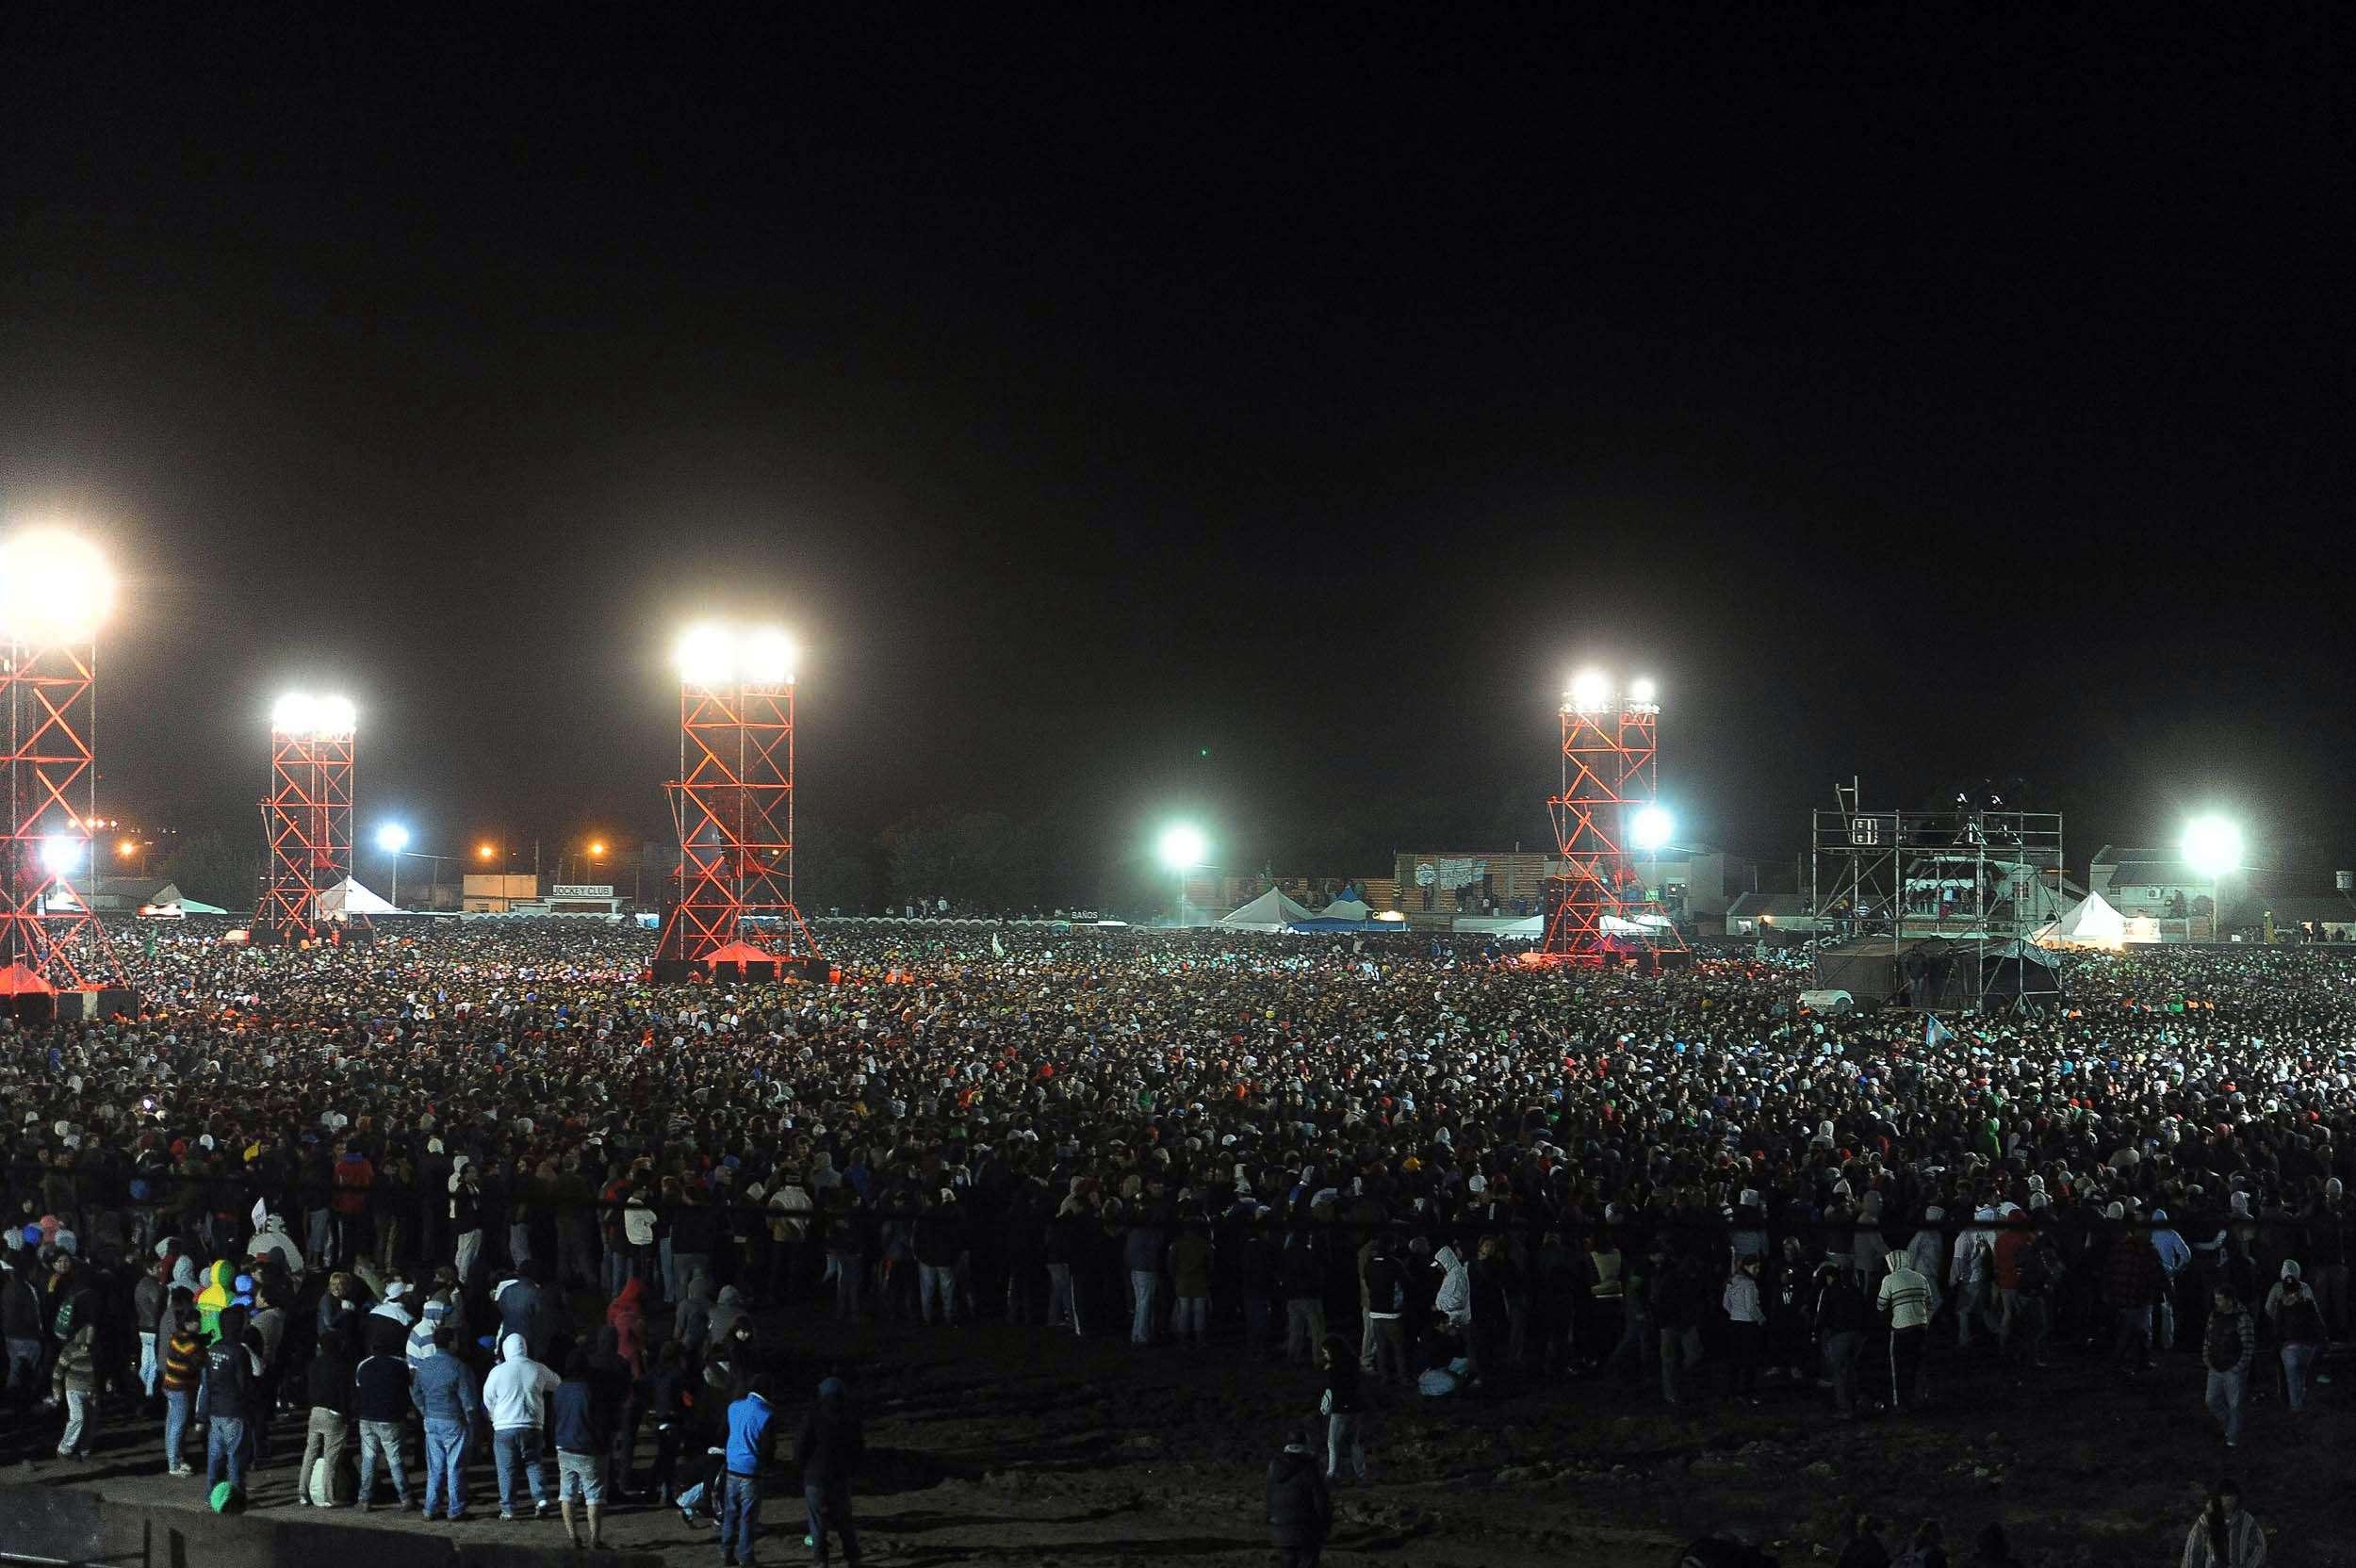 La multitud sigue extasiada el recital del Indio Solari. Foto: Terra